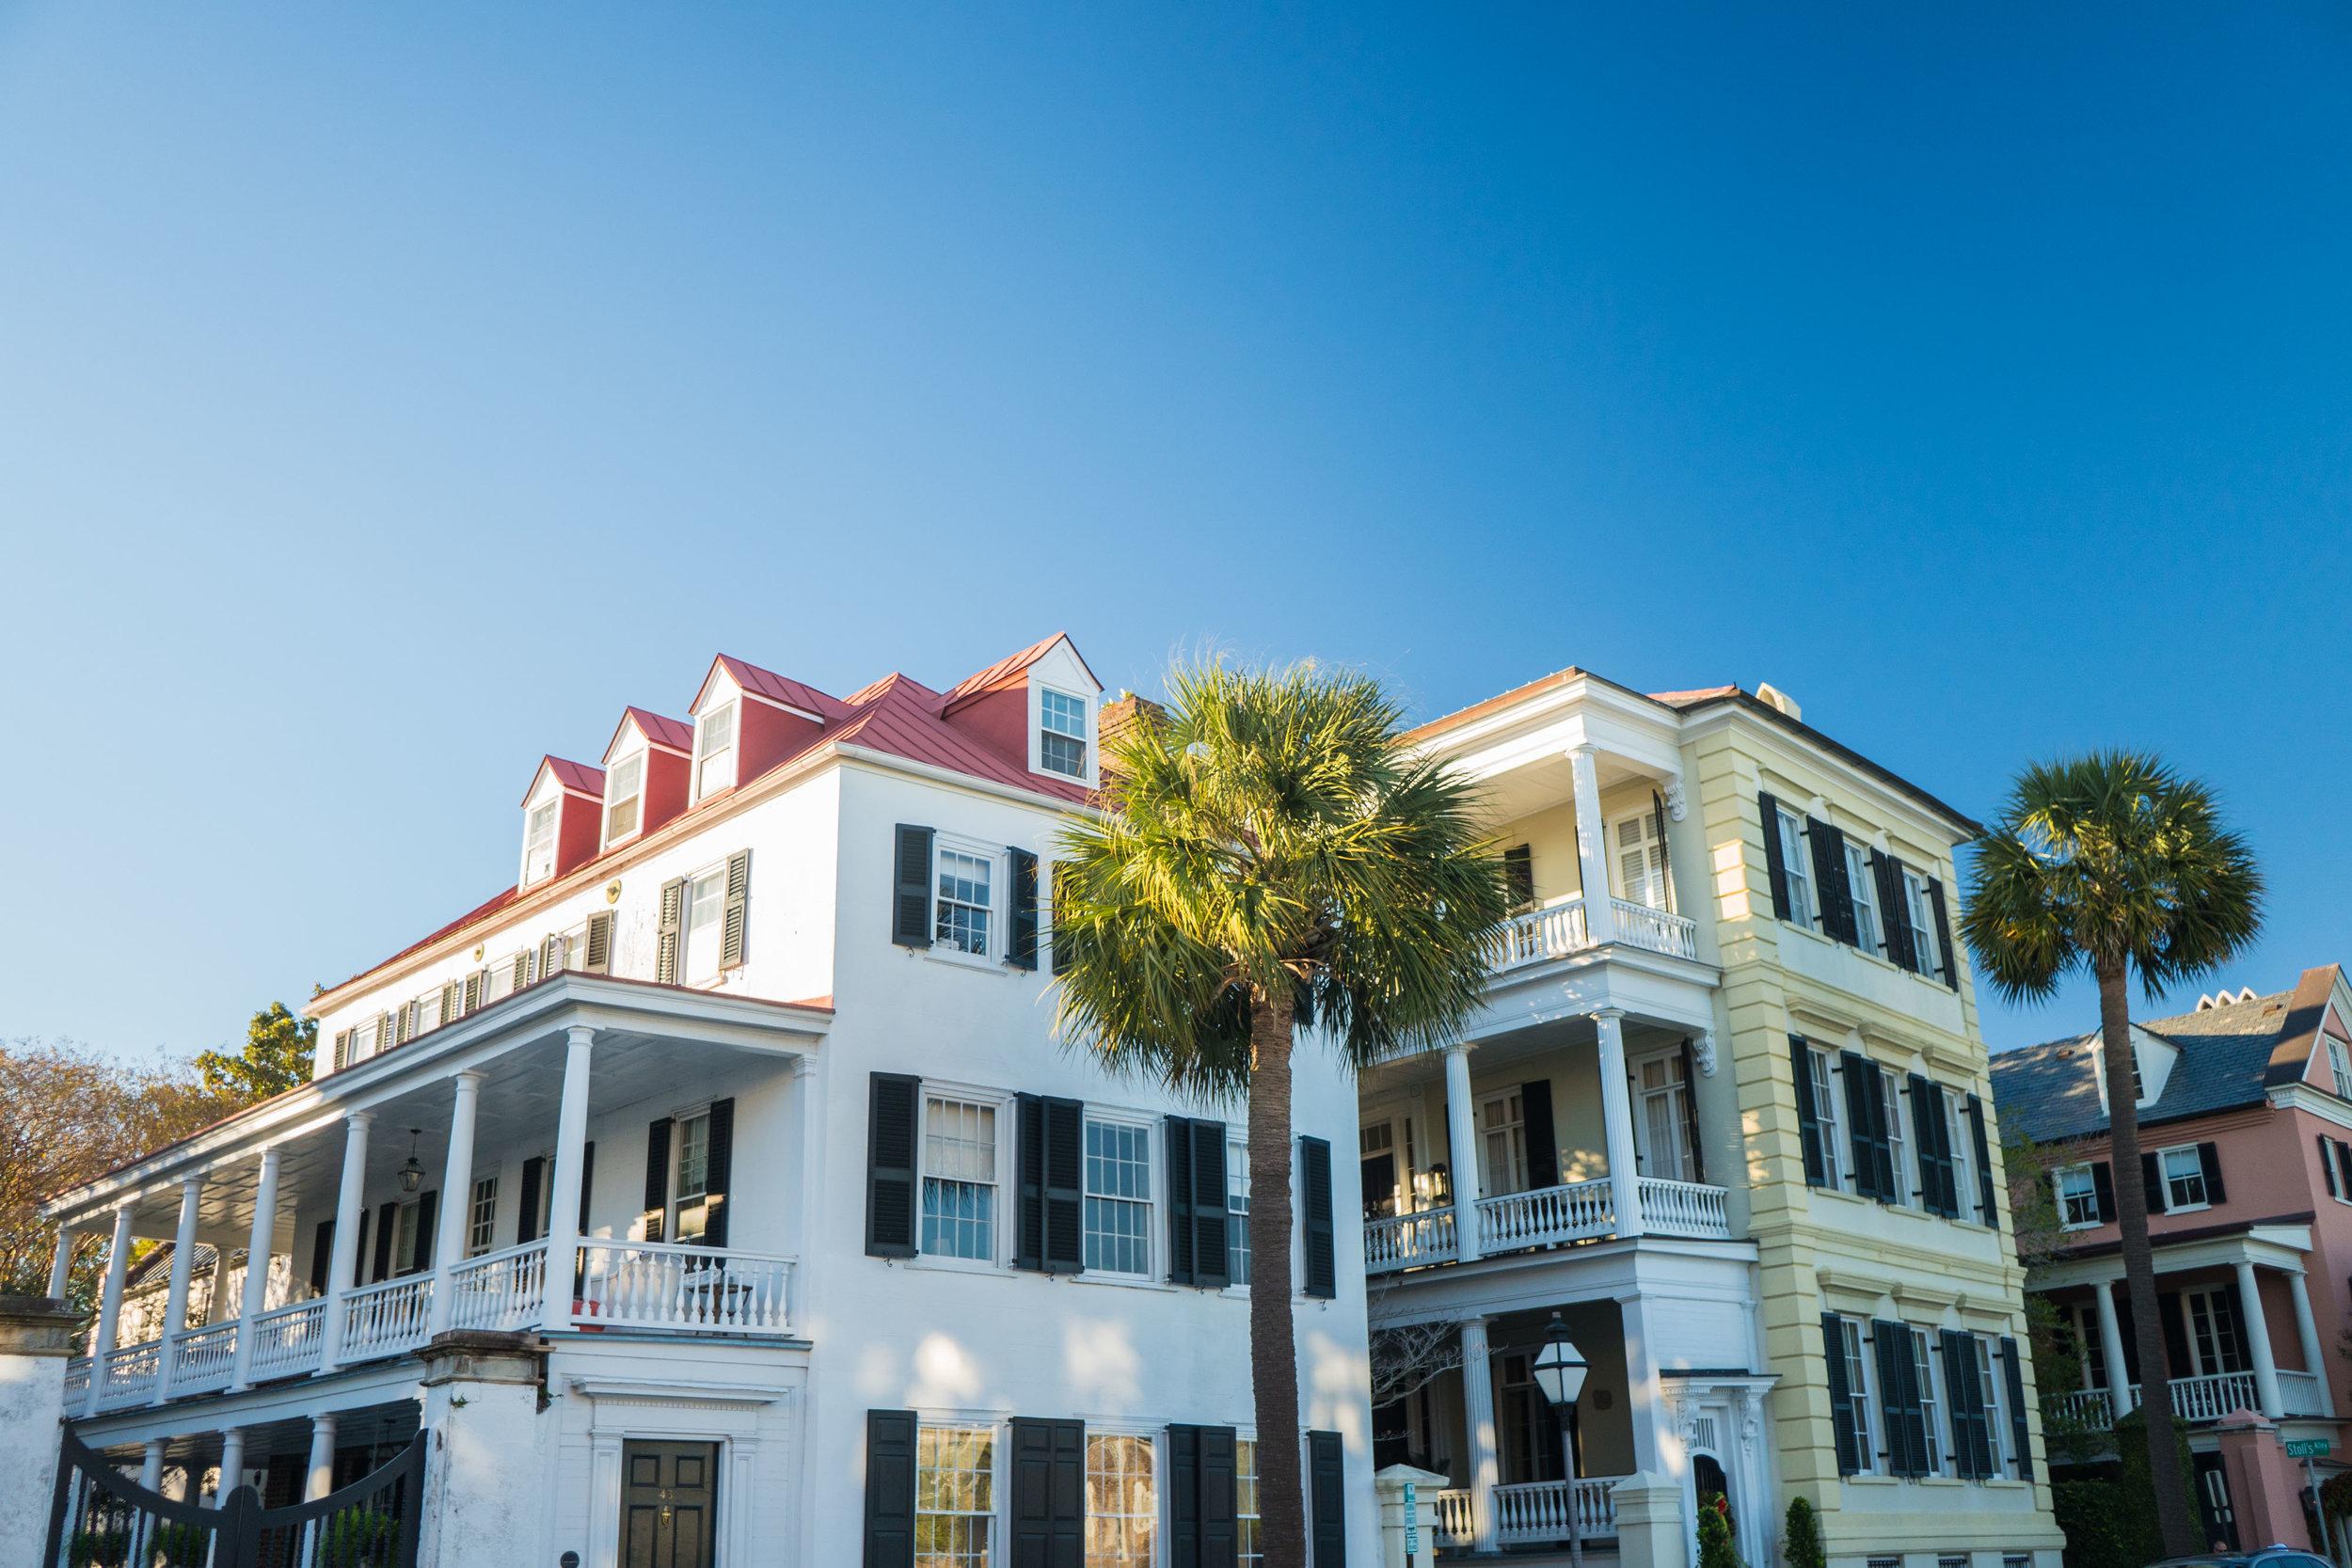 Incredible homes in Charleston, South Carolina